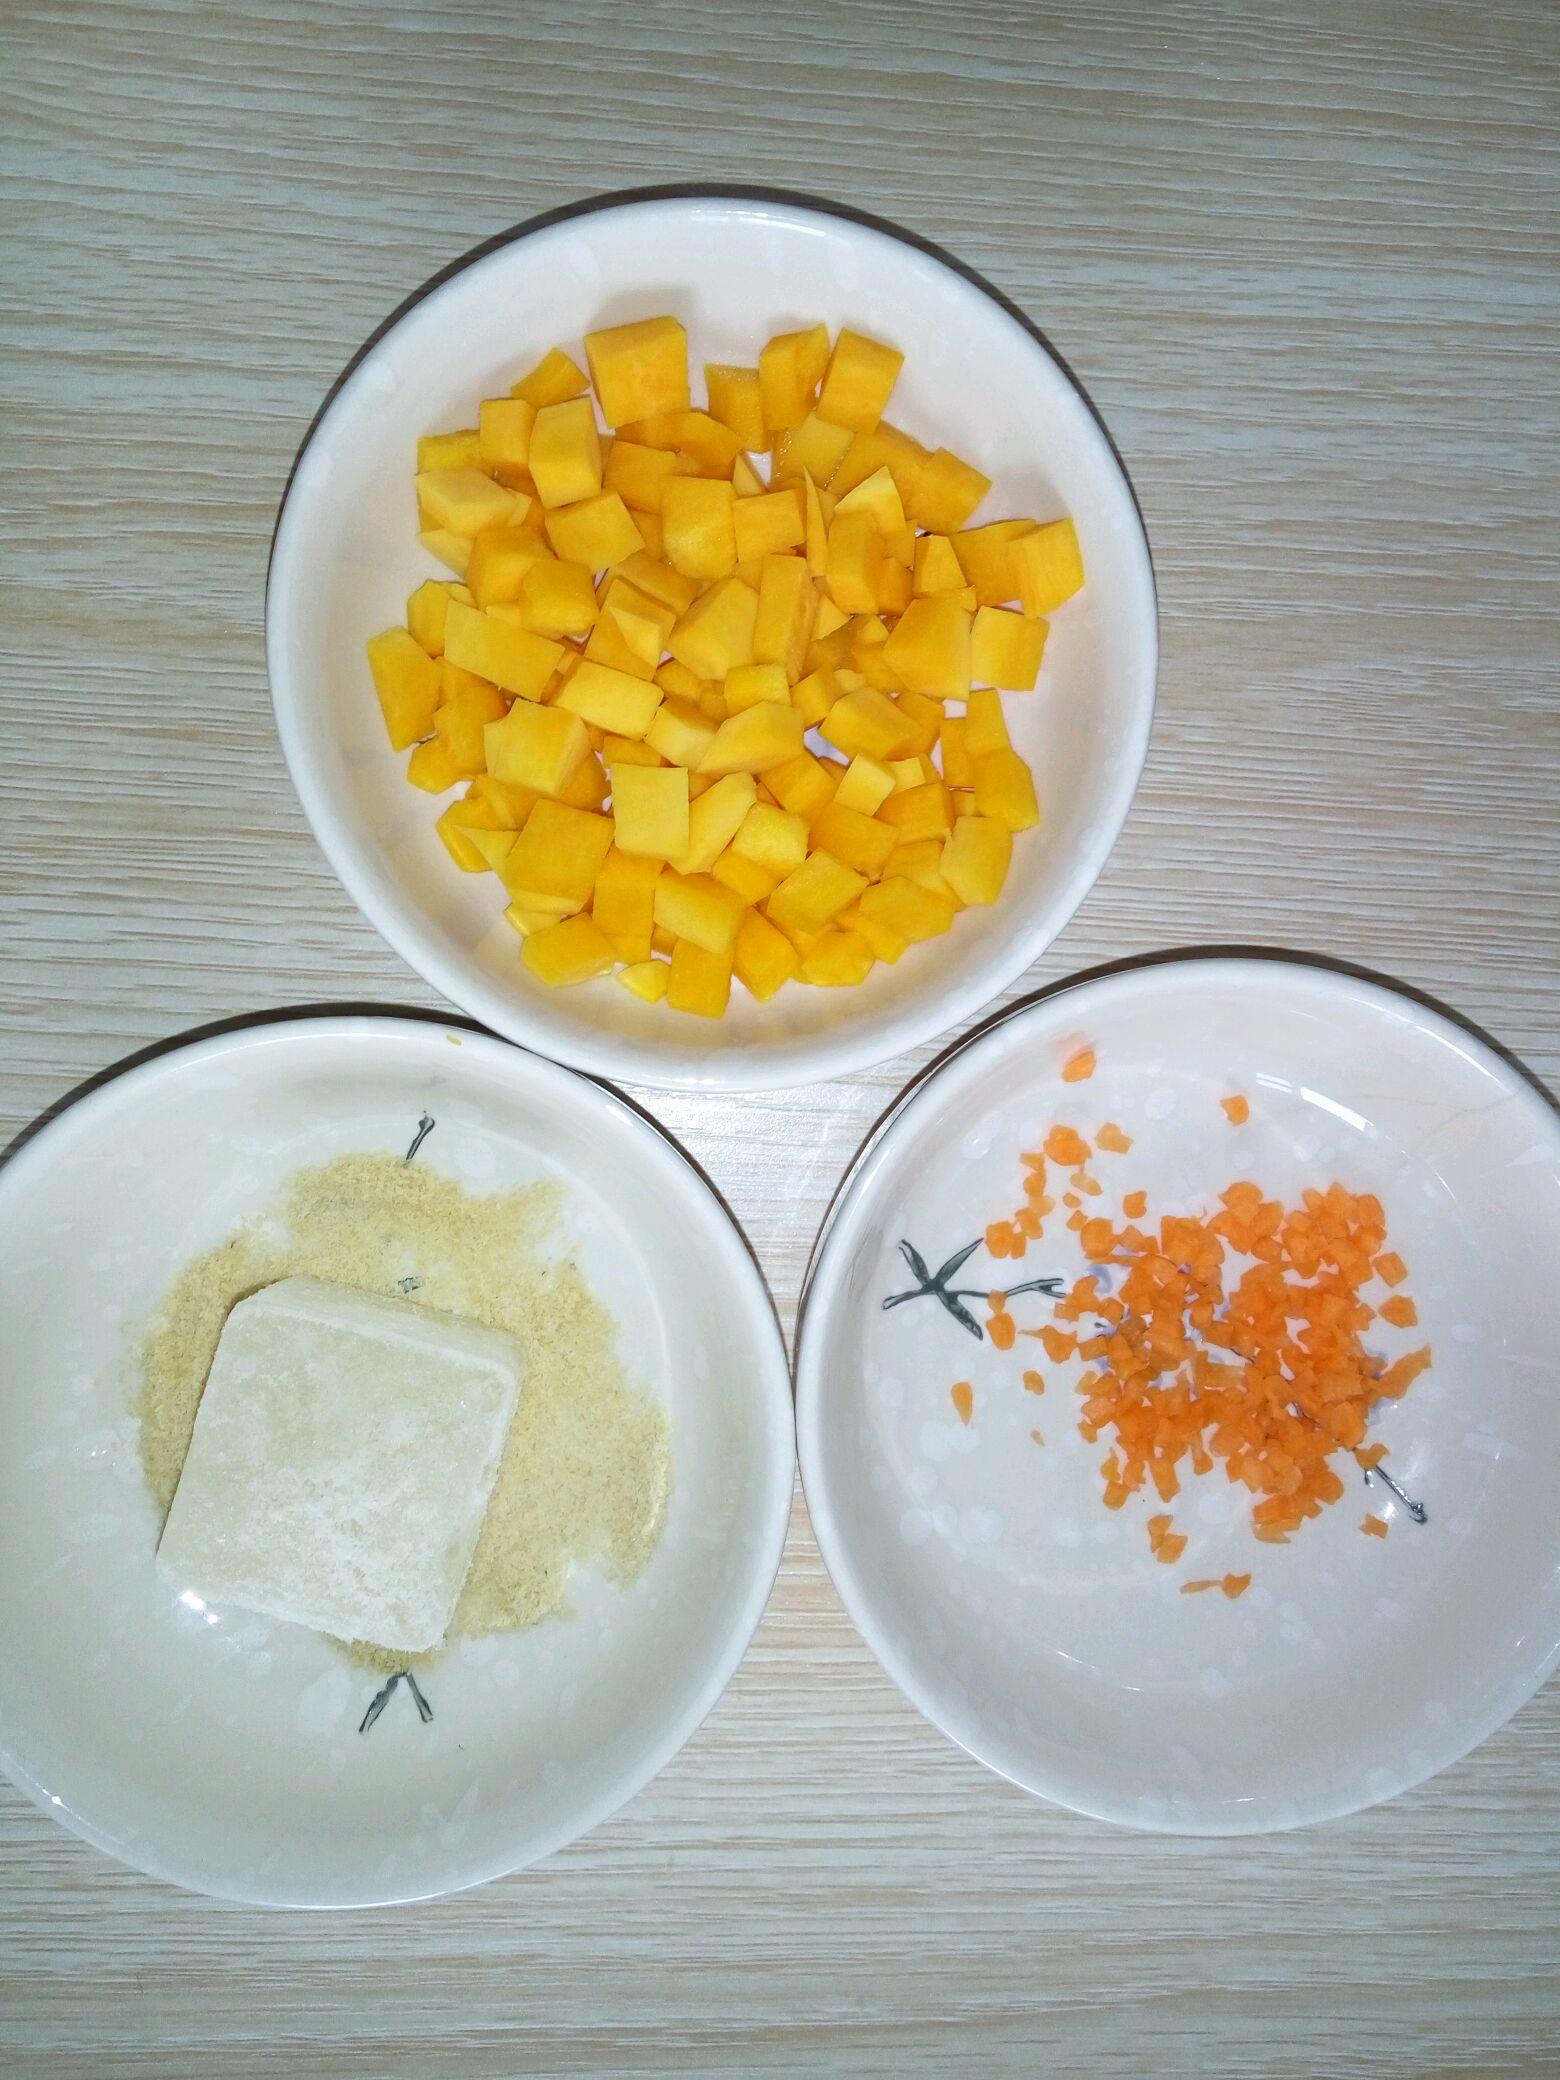 宝宝蔬菜南瓜面线的做法图解1